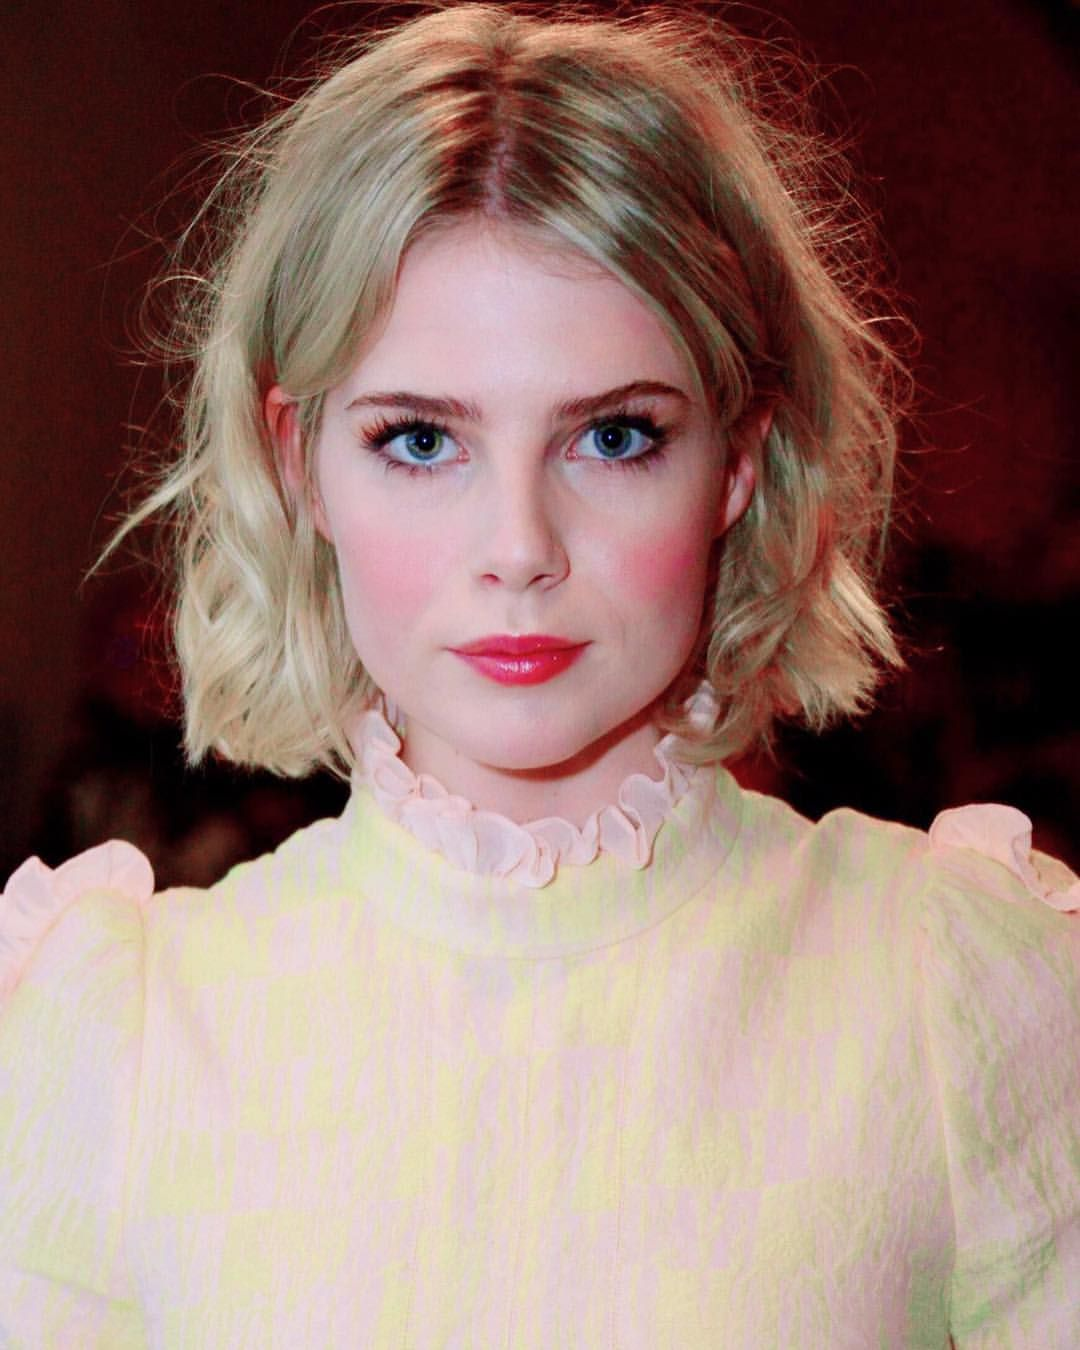 Lucy Boynton (born 1994 (born in the United States